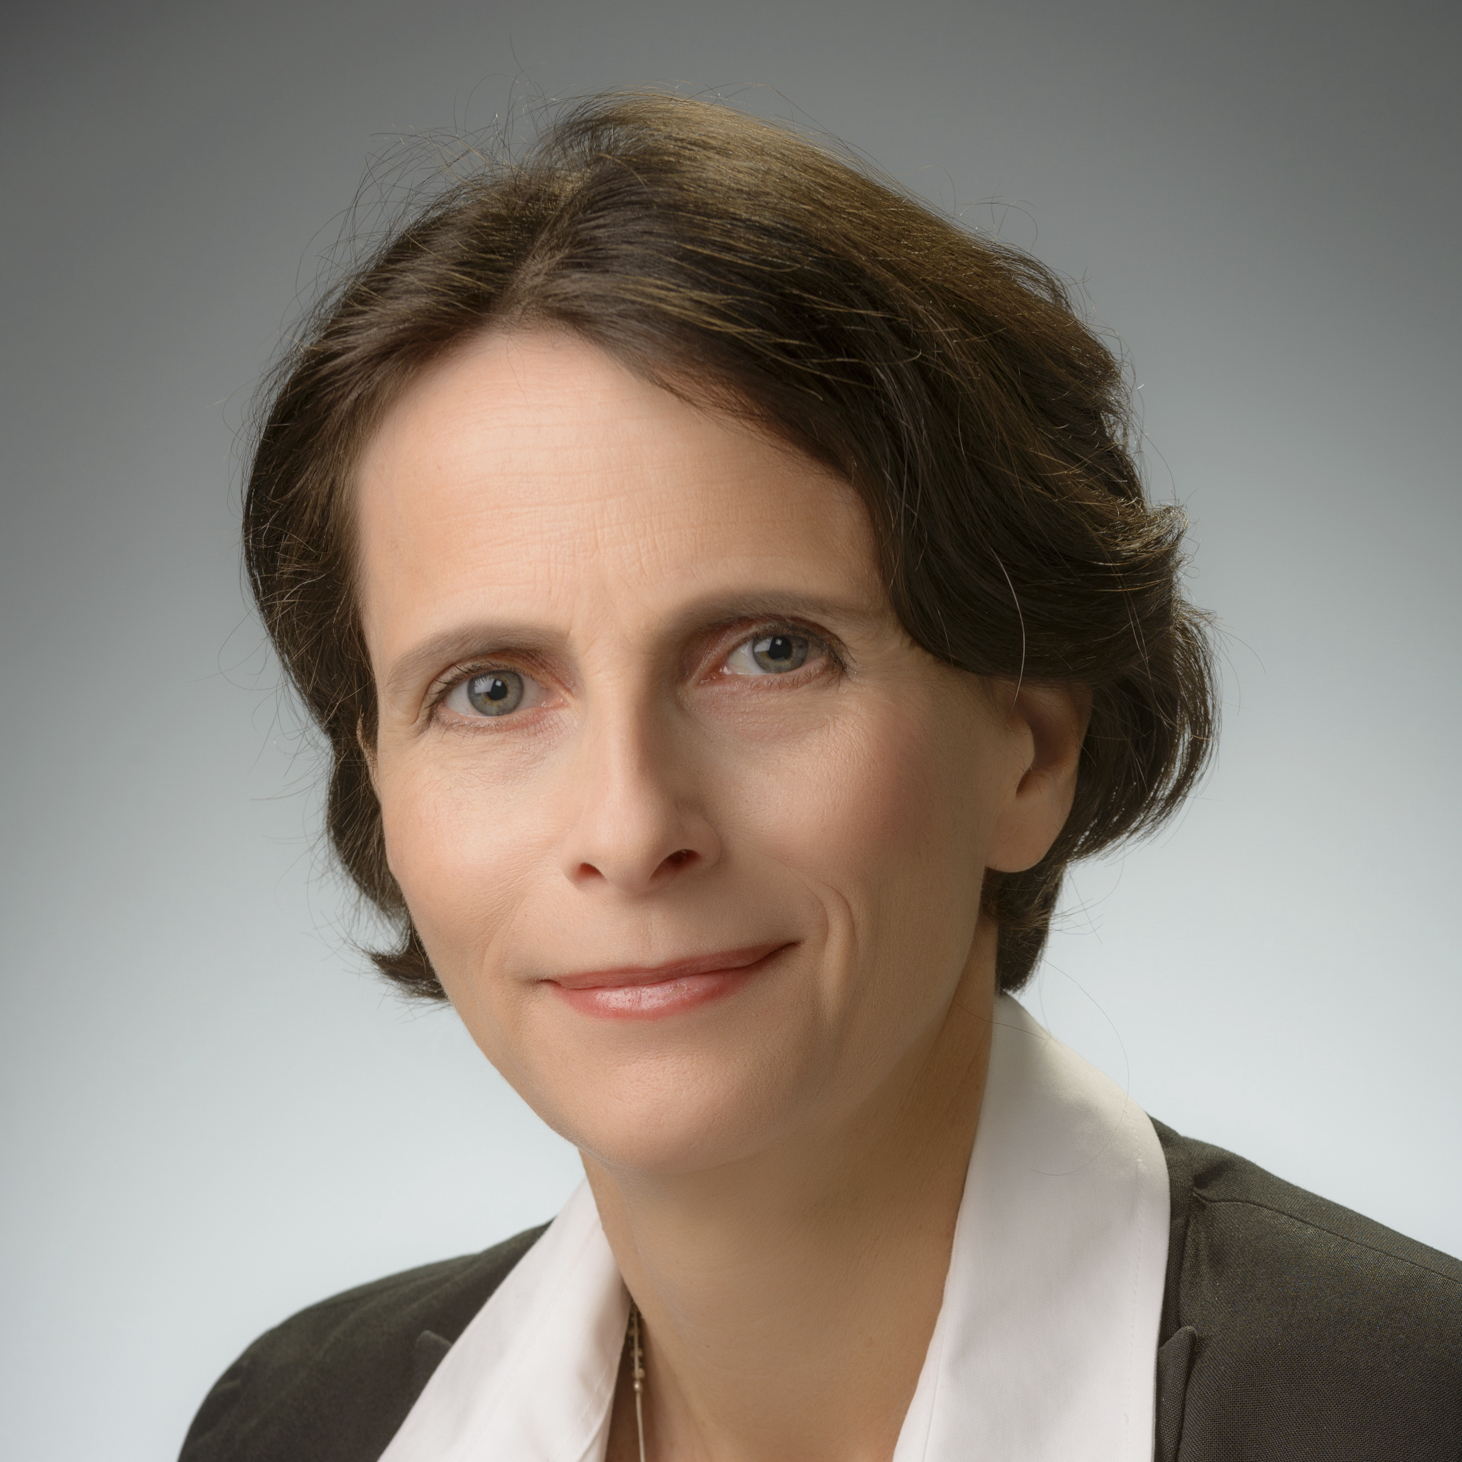 Dr. Efrat Shefer